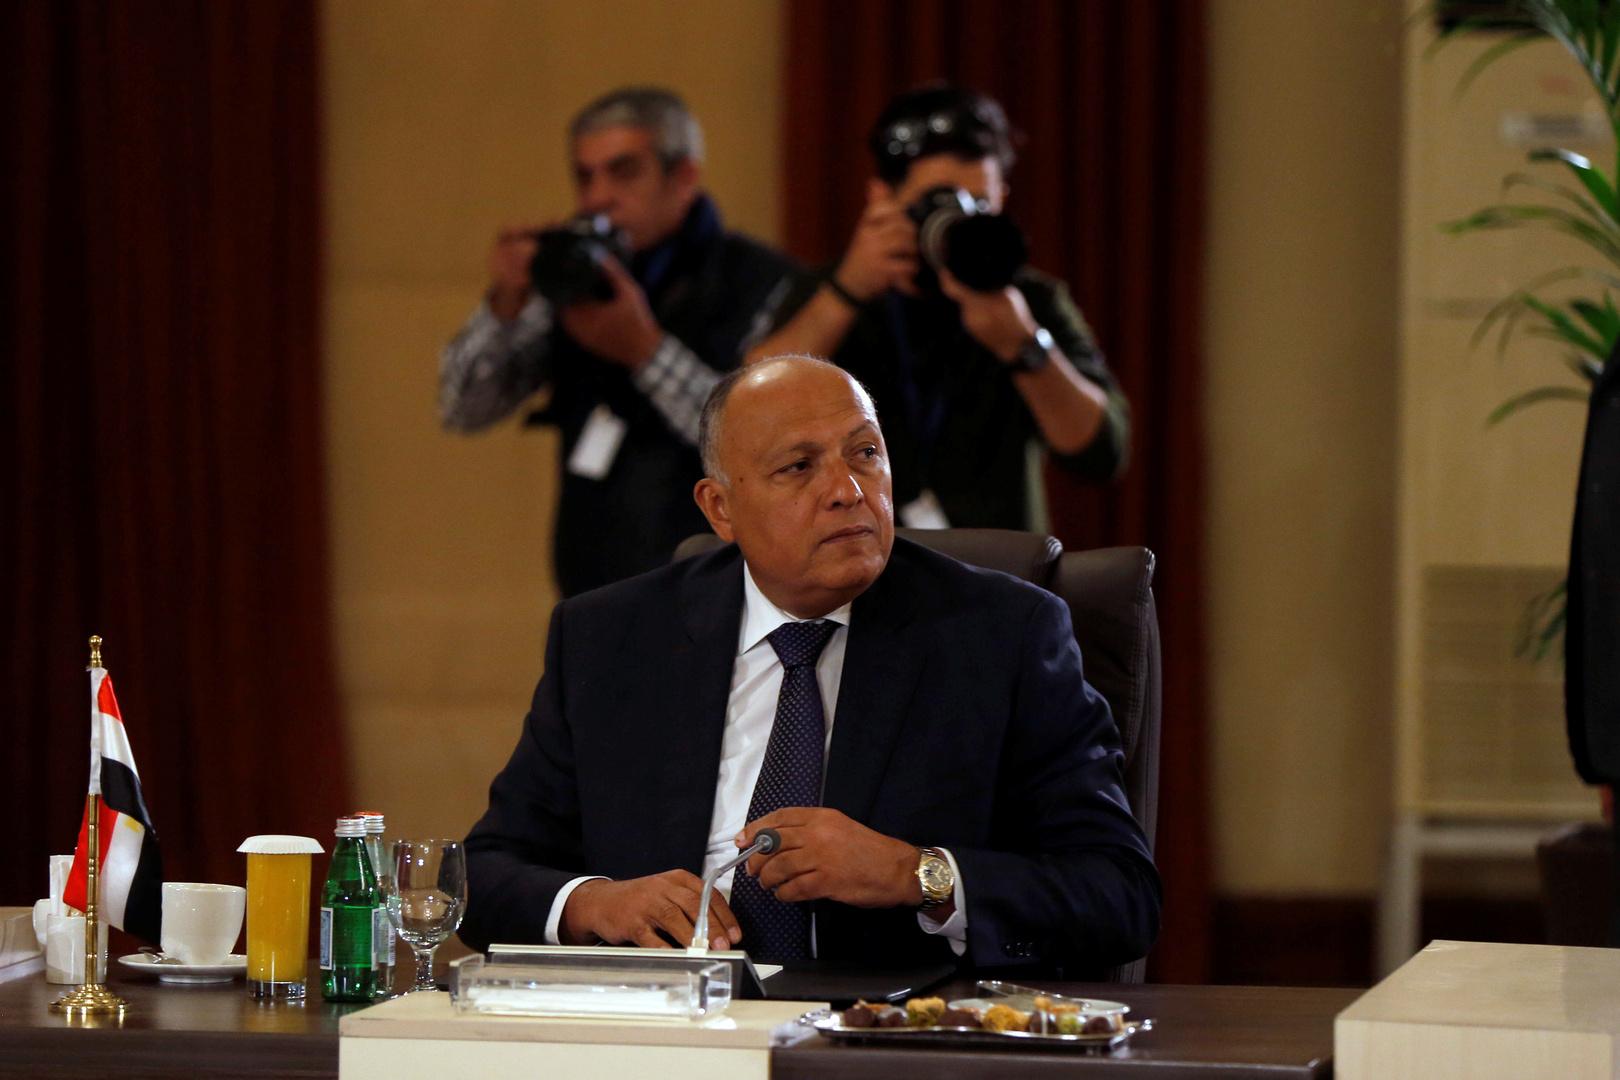 سامح شكري يحدد موقف مصر الفني والسياسي من اتفاق أردوغان والسراج